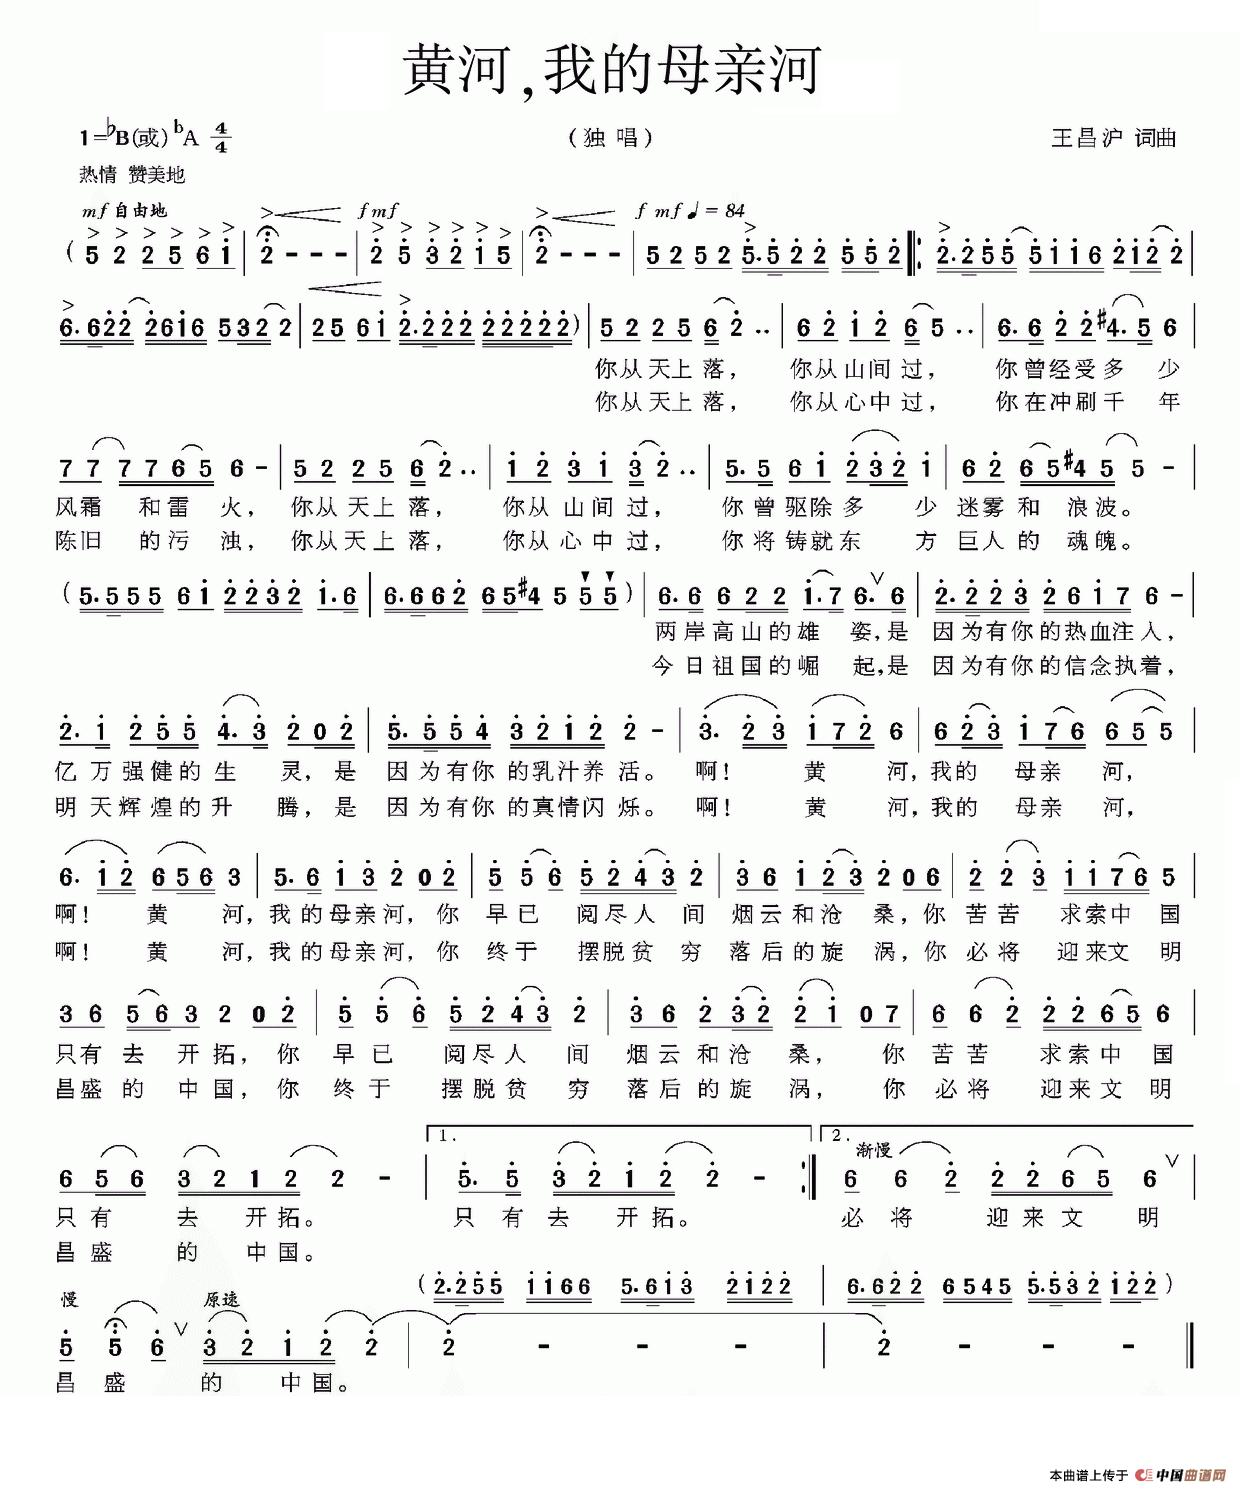 黄河,我的母亲河简谱_民歌曲谱_中国曲谱网